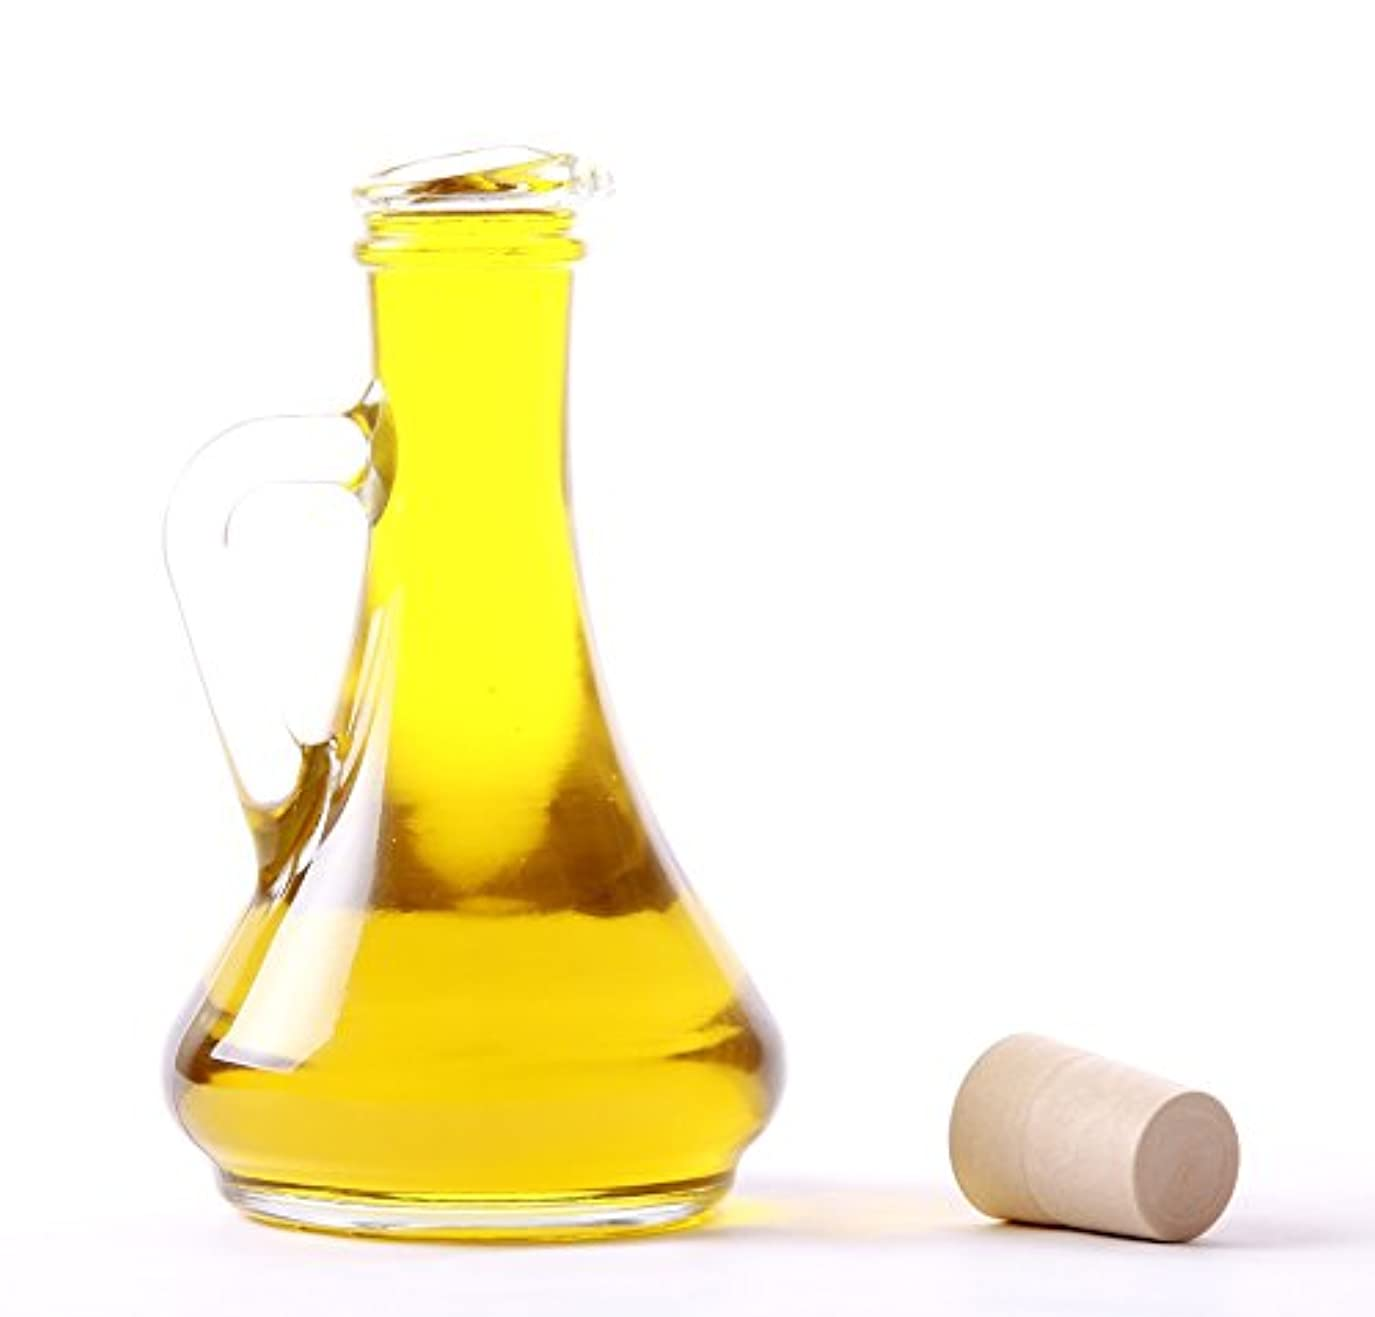 ダイアクリティカル従事する管理Mystic Moments   Olive Oil Extra Virgin Organic Carrier Oil - 5 Litres - 100% Pure